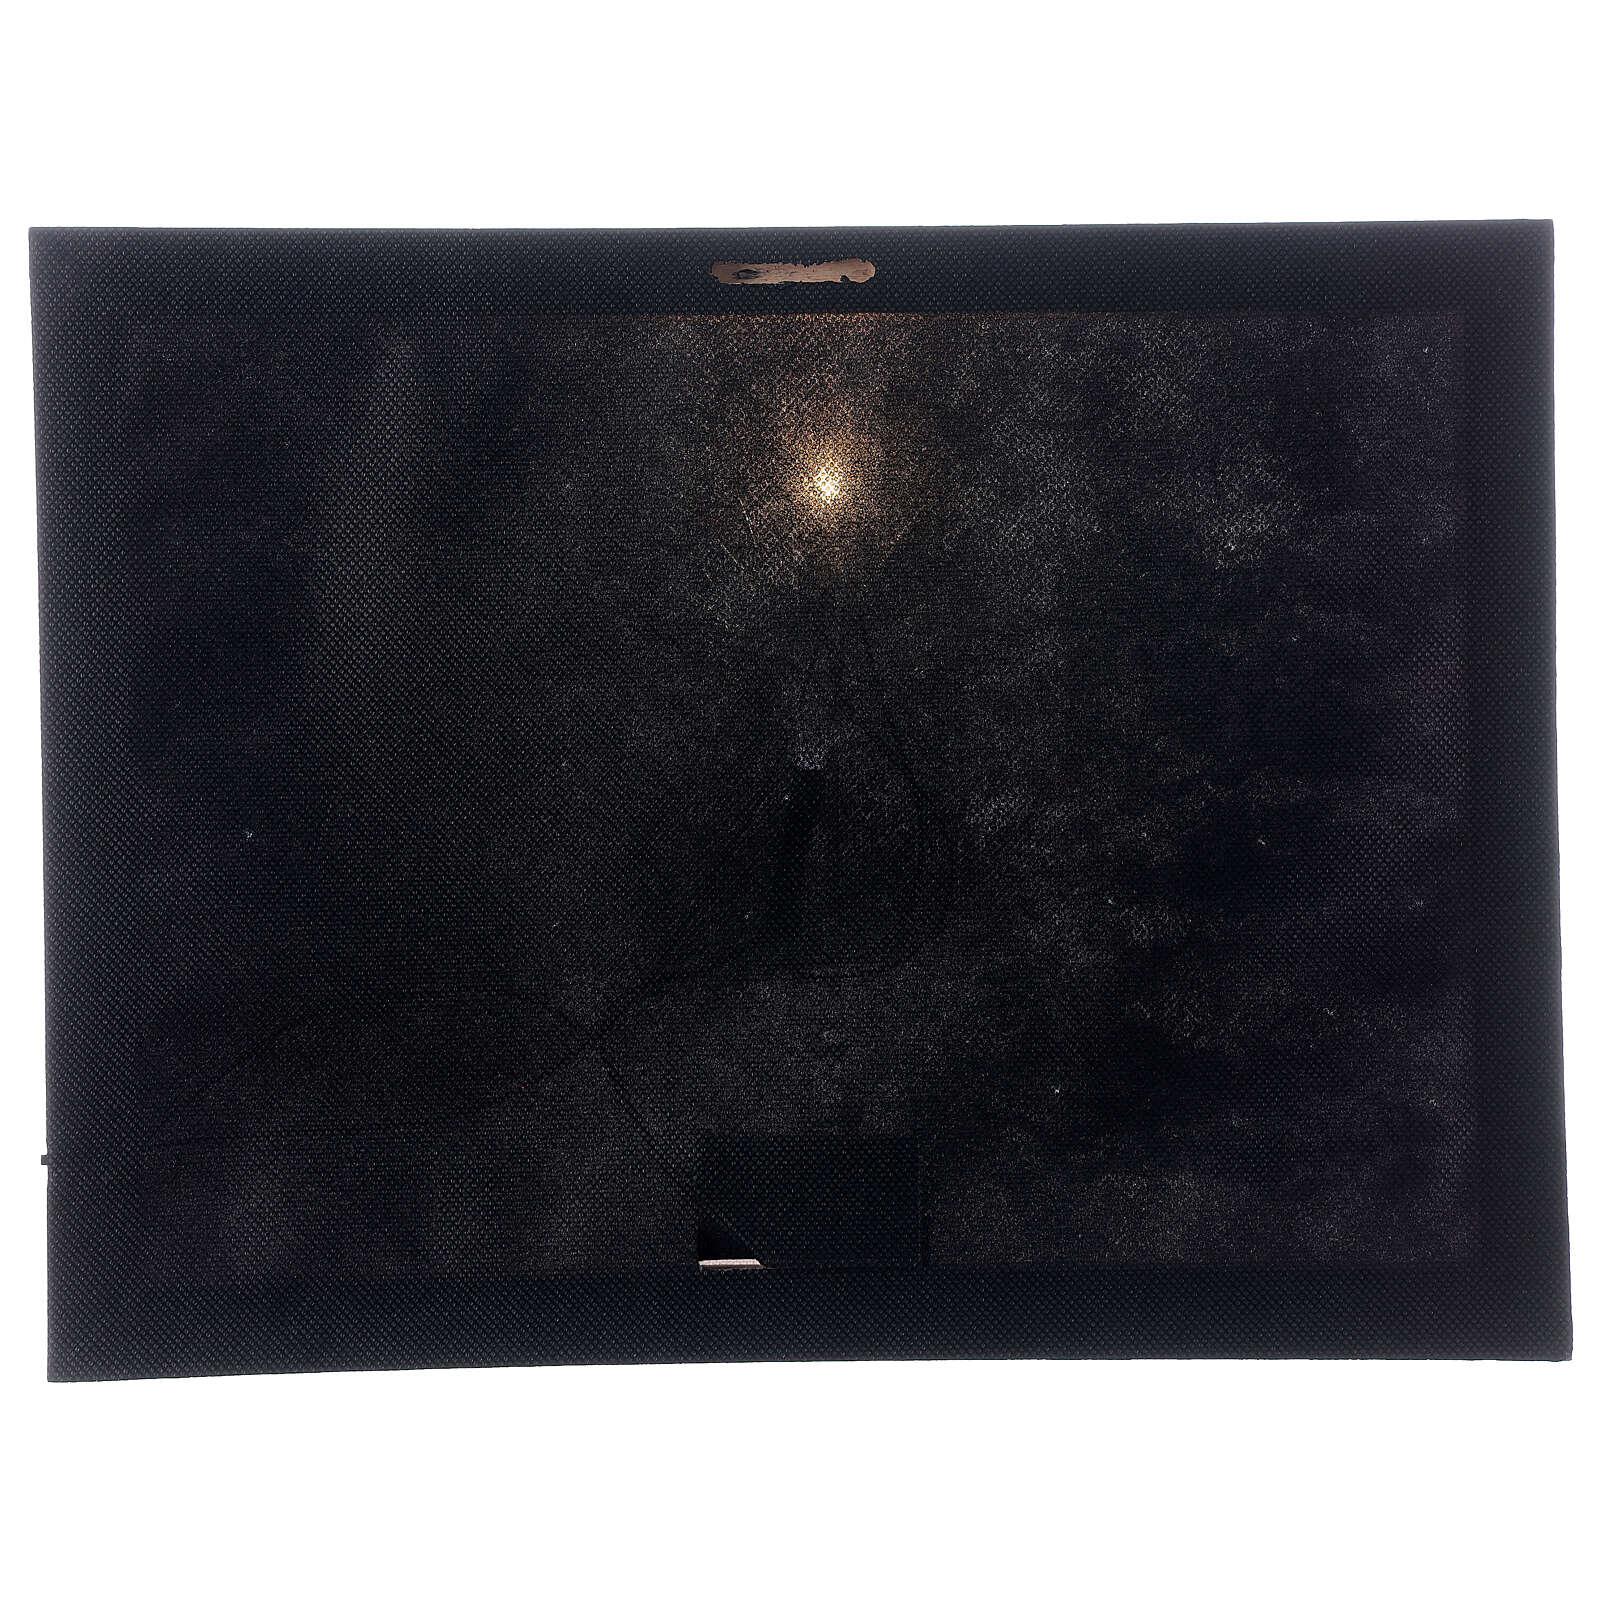 Tableau lumineux fibre optique paysage enneigé noir blanc 30x40 cm 3